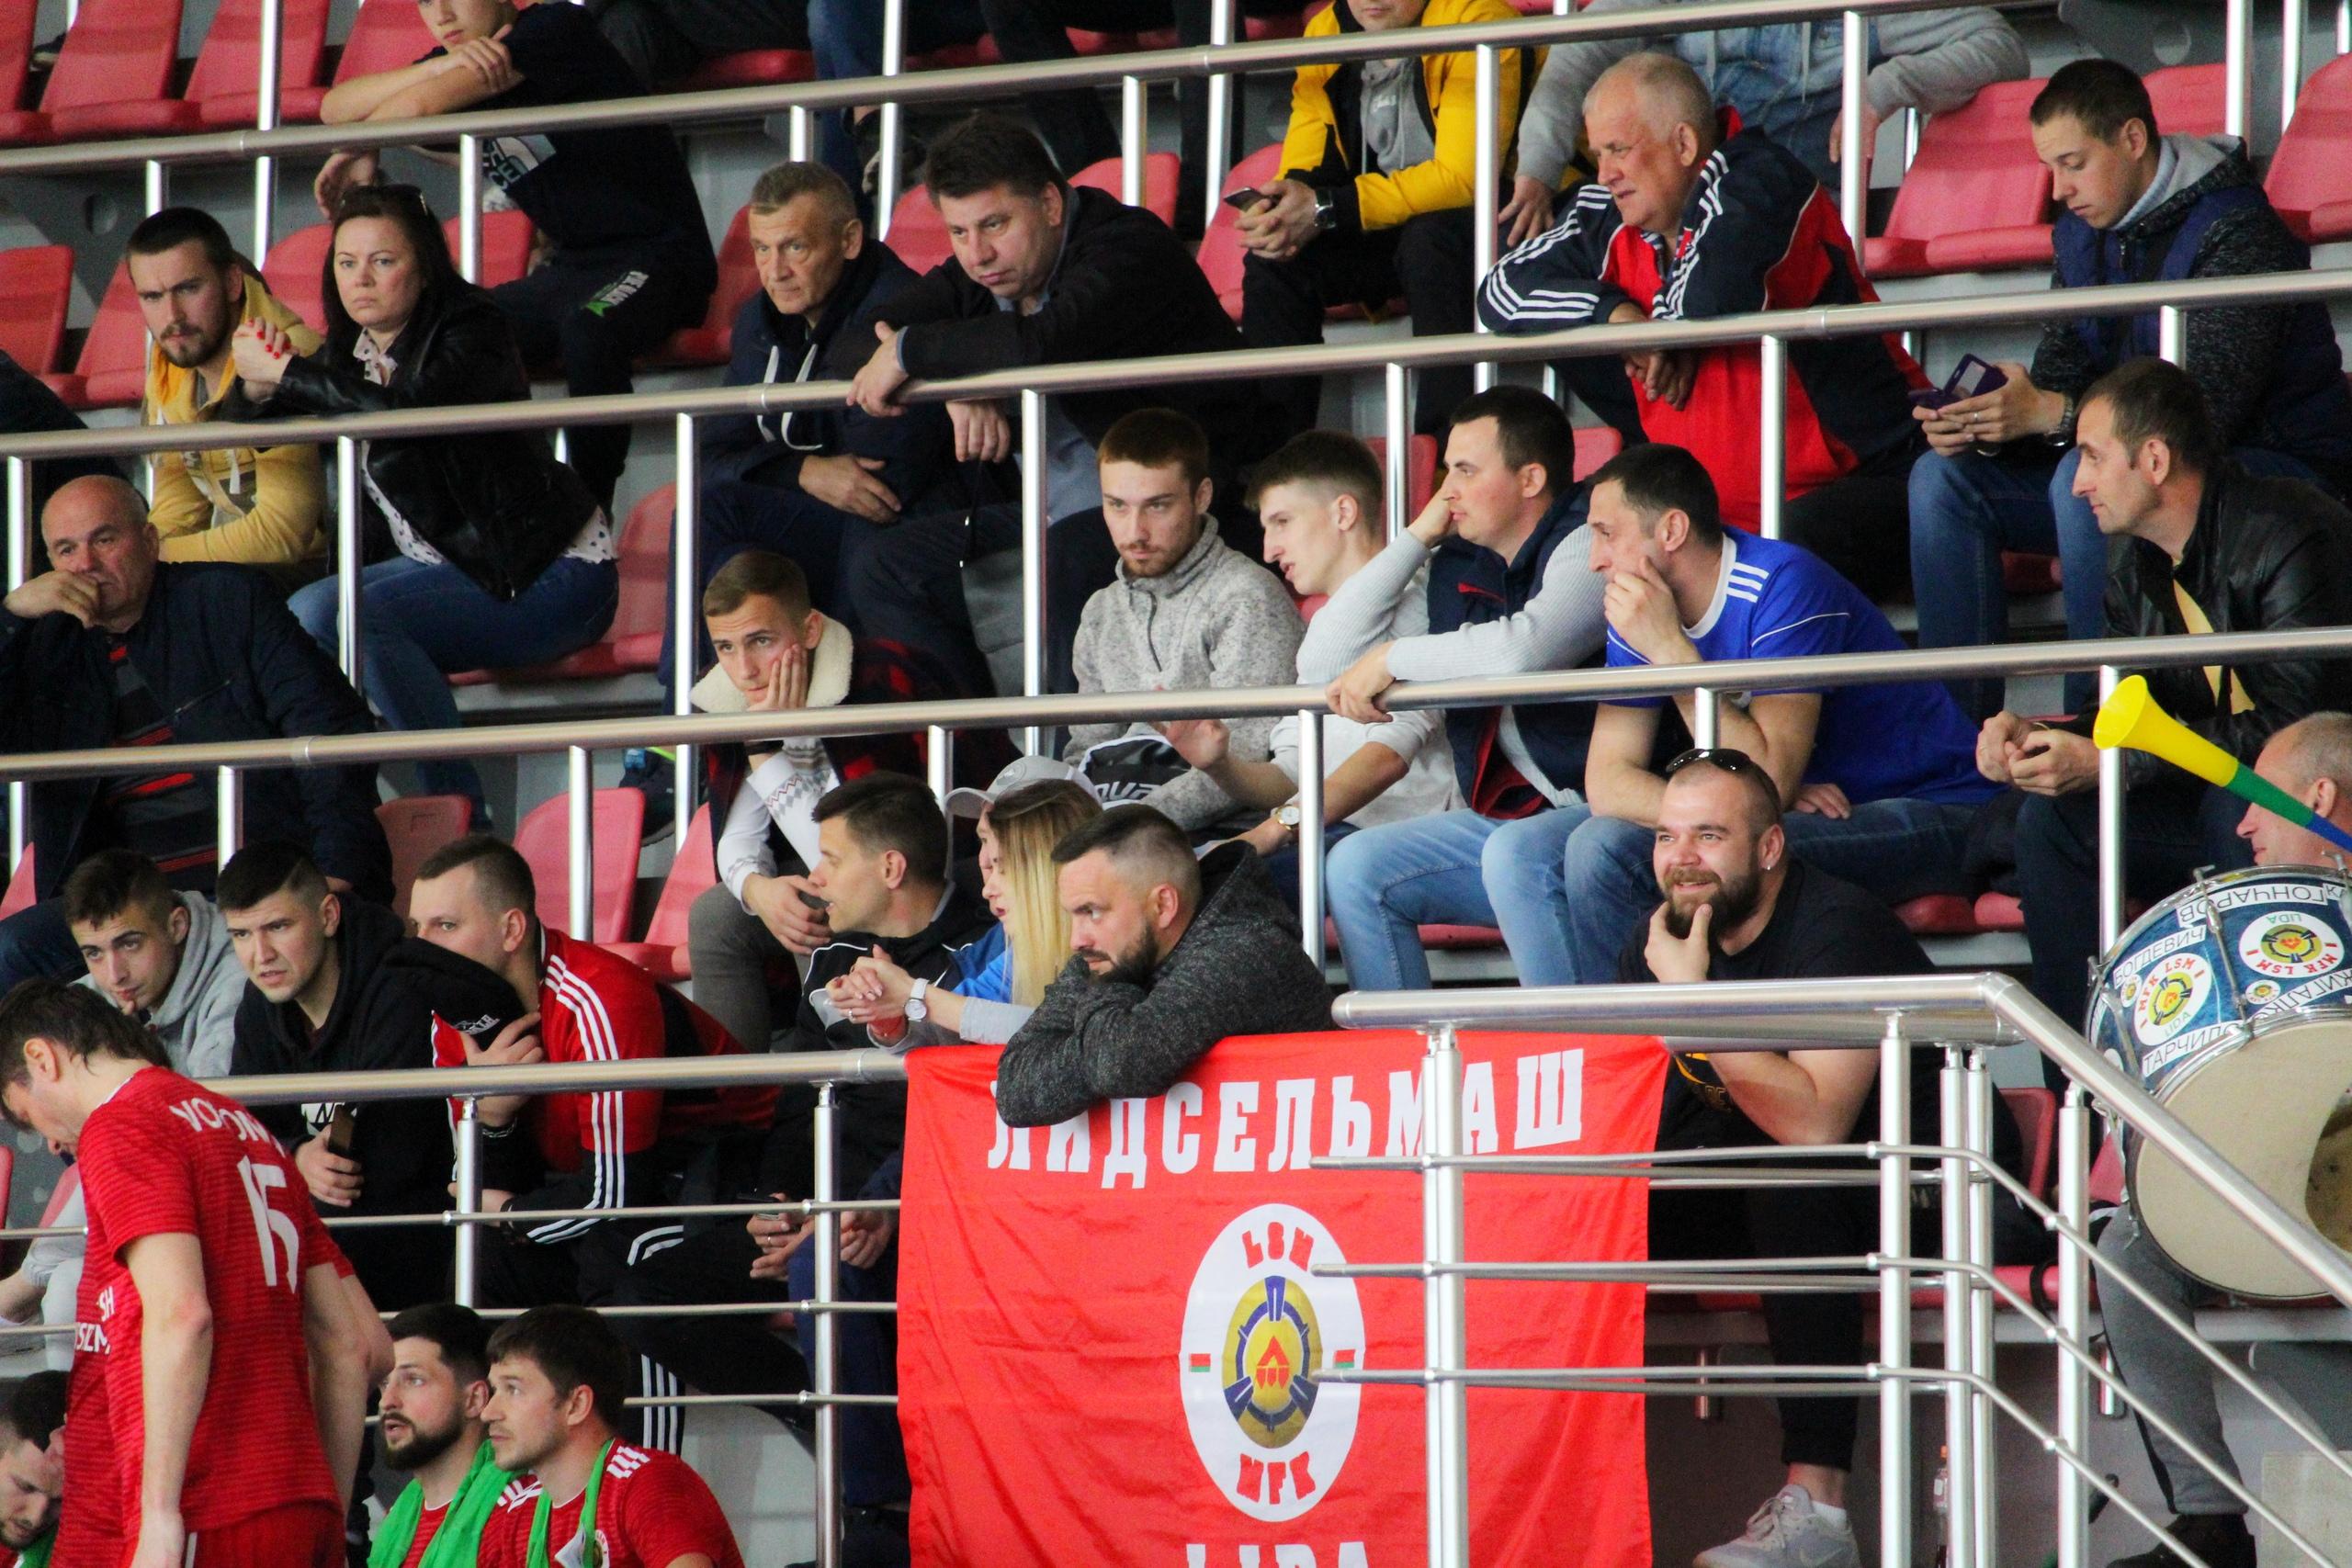 >В начале марта «Лидсельмаш» – одна из лучших команд страны по мини-футболу – впервые в своей истории победила в Кубке Беларуси.